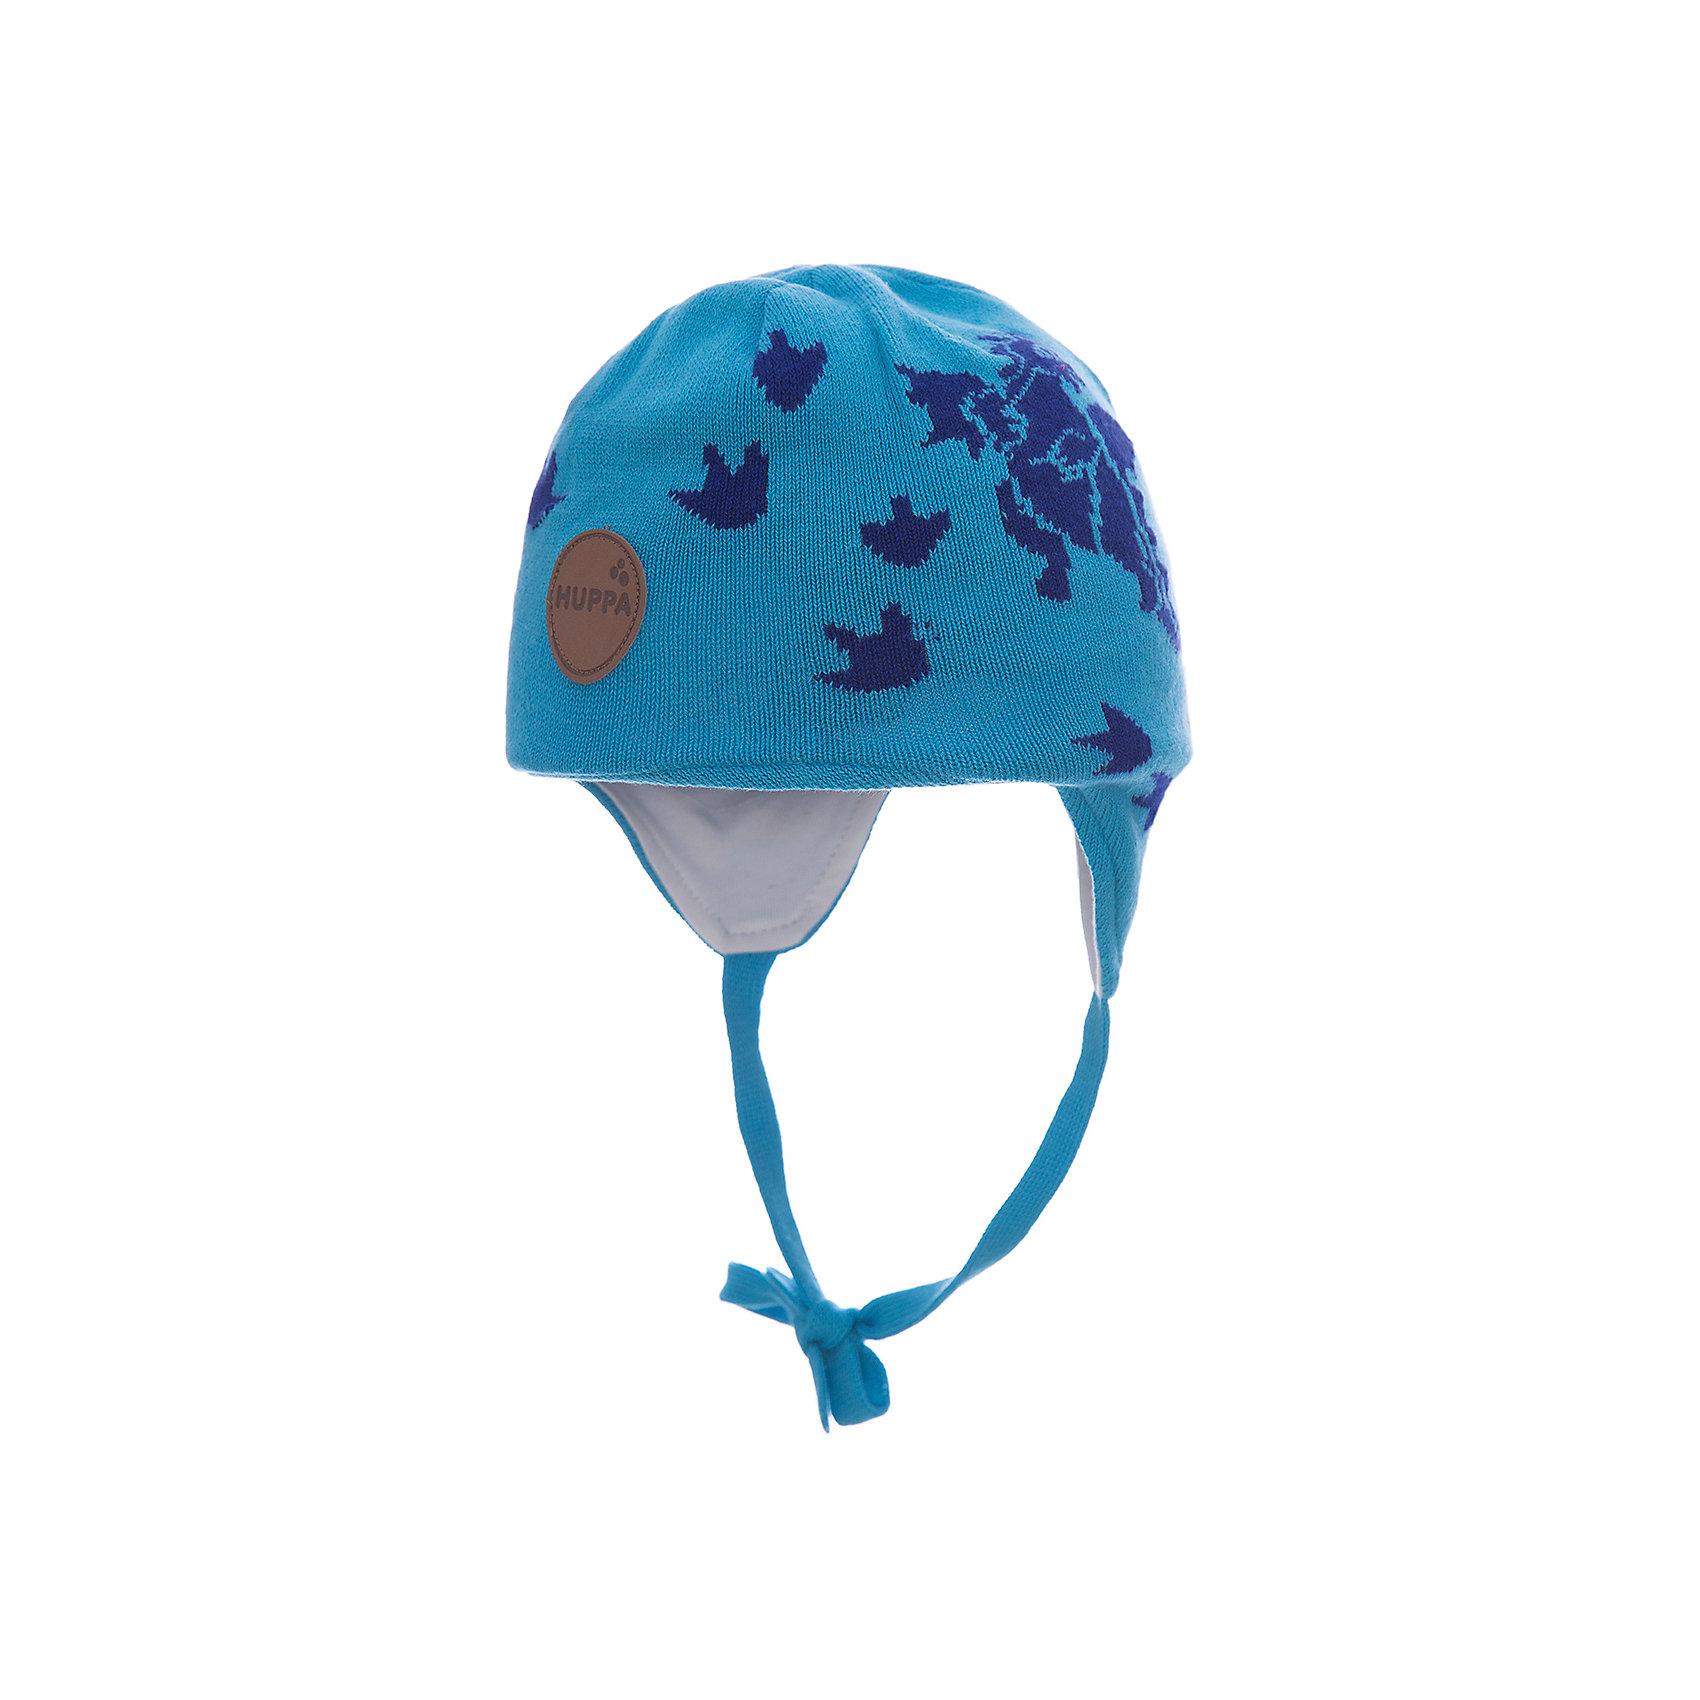 Шапка SILBY для мальчика HuppaДемисезонные<br>Характеристики товара:<br><br>• цвет: голубой<br>• состав: 60% хлопок, 40% акрил<br>• подкладка: трикотаж - 100% хлопок<br>• температурный режим: от -5°С до +10°С<br>• демисезонная<br>• принт<br>• защита ушей<br>• комфортная посадка<br>• завязки<br>• мягкий материал<br>• страна бренда: Эстония<br><br>Эта шапка обеспечит детям тепло и комфорт. Она сделана из приятного на ощупь мягкого материала. Шапка очень симпатично смотрится, а дизайн и расцветка позволяют сочетать её с различной одеждой. Модель была разработана специально для детей.<br><br>Одежда и обувь от популярного эстонского бренда Huppa - отличный вариант одеть ребенка можно и комфортно. Вещи, выпускаемые компанией, качественные, продуманные и очень удобные. Для производства изделий используются только безопасные для детей материалы. Продукция от Huppa порадует и детей, и их родителей!<br><br>Шапку SILBY от бренда Huppa (Хуппа) можно купить в нашем интернет-магазине.<br><br>Ширина мм: 89<br>Глубина мм: 117<br>Высота мм: 44<br>Вес г: 155<br>Цвет: голубой<br>Возраст от месяцев: 6<br>Возраст до месяцев: 12<br>Пол: Мужской<br>Возраст: Детский<br>Размер: 43-45,51-53,47-49<br>SKU: 5347698